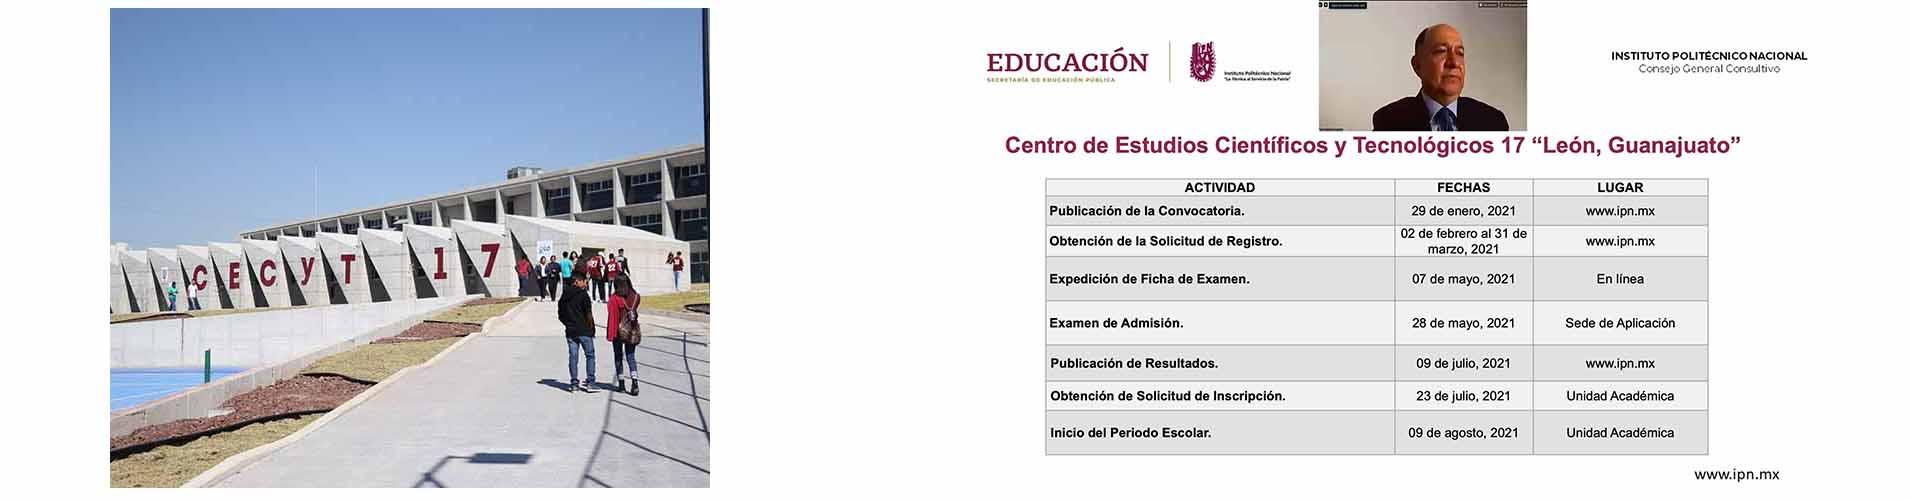 """Emitió IPN Convocatoria para el Bachillerato Bivalente del CECyT 17 """"León, Guanajuato"""" 2021-2022"""